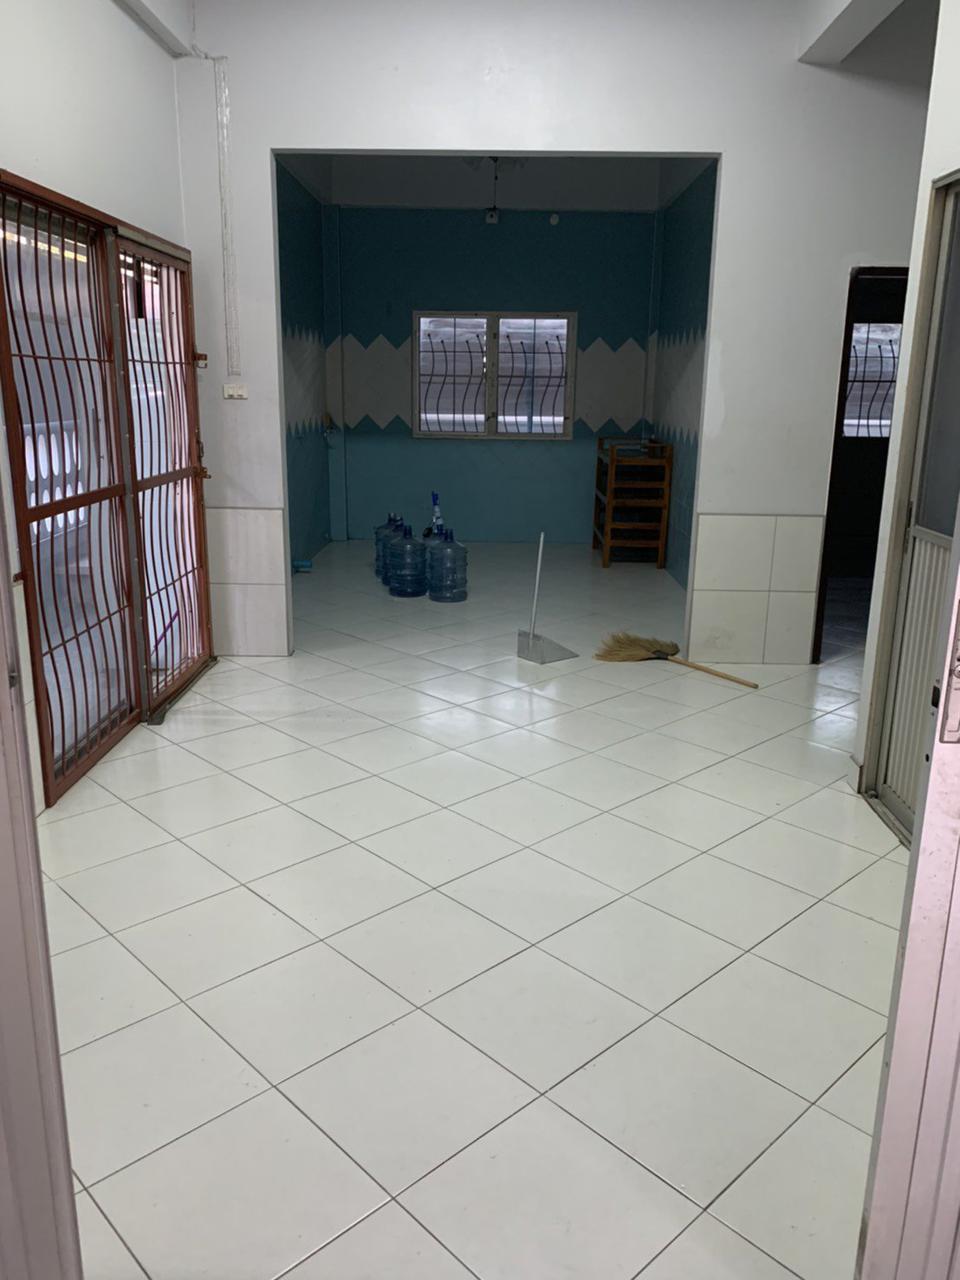 ให้เช่าบ้านเดี่ยว 2 ชั้นซอยนวลจันทร์ 4 ห้องนอน 2 ห้องน้ำ รูปที่ 2